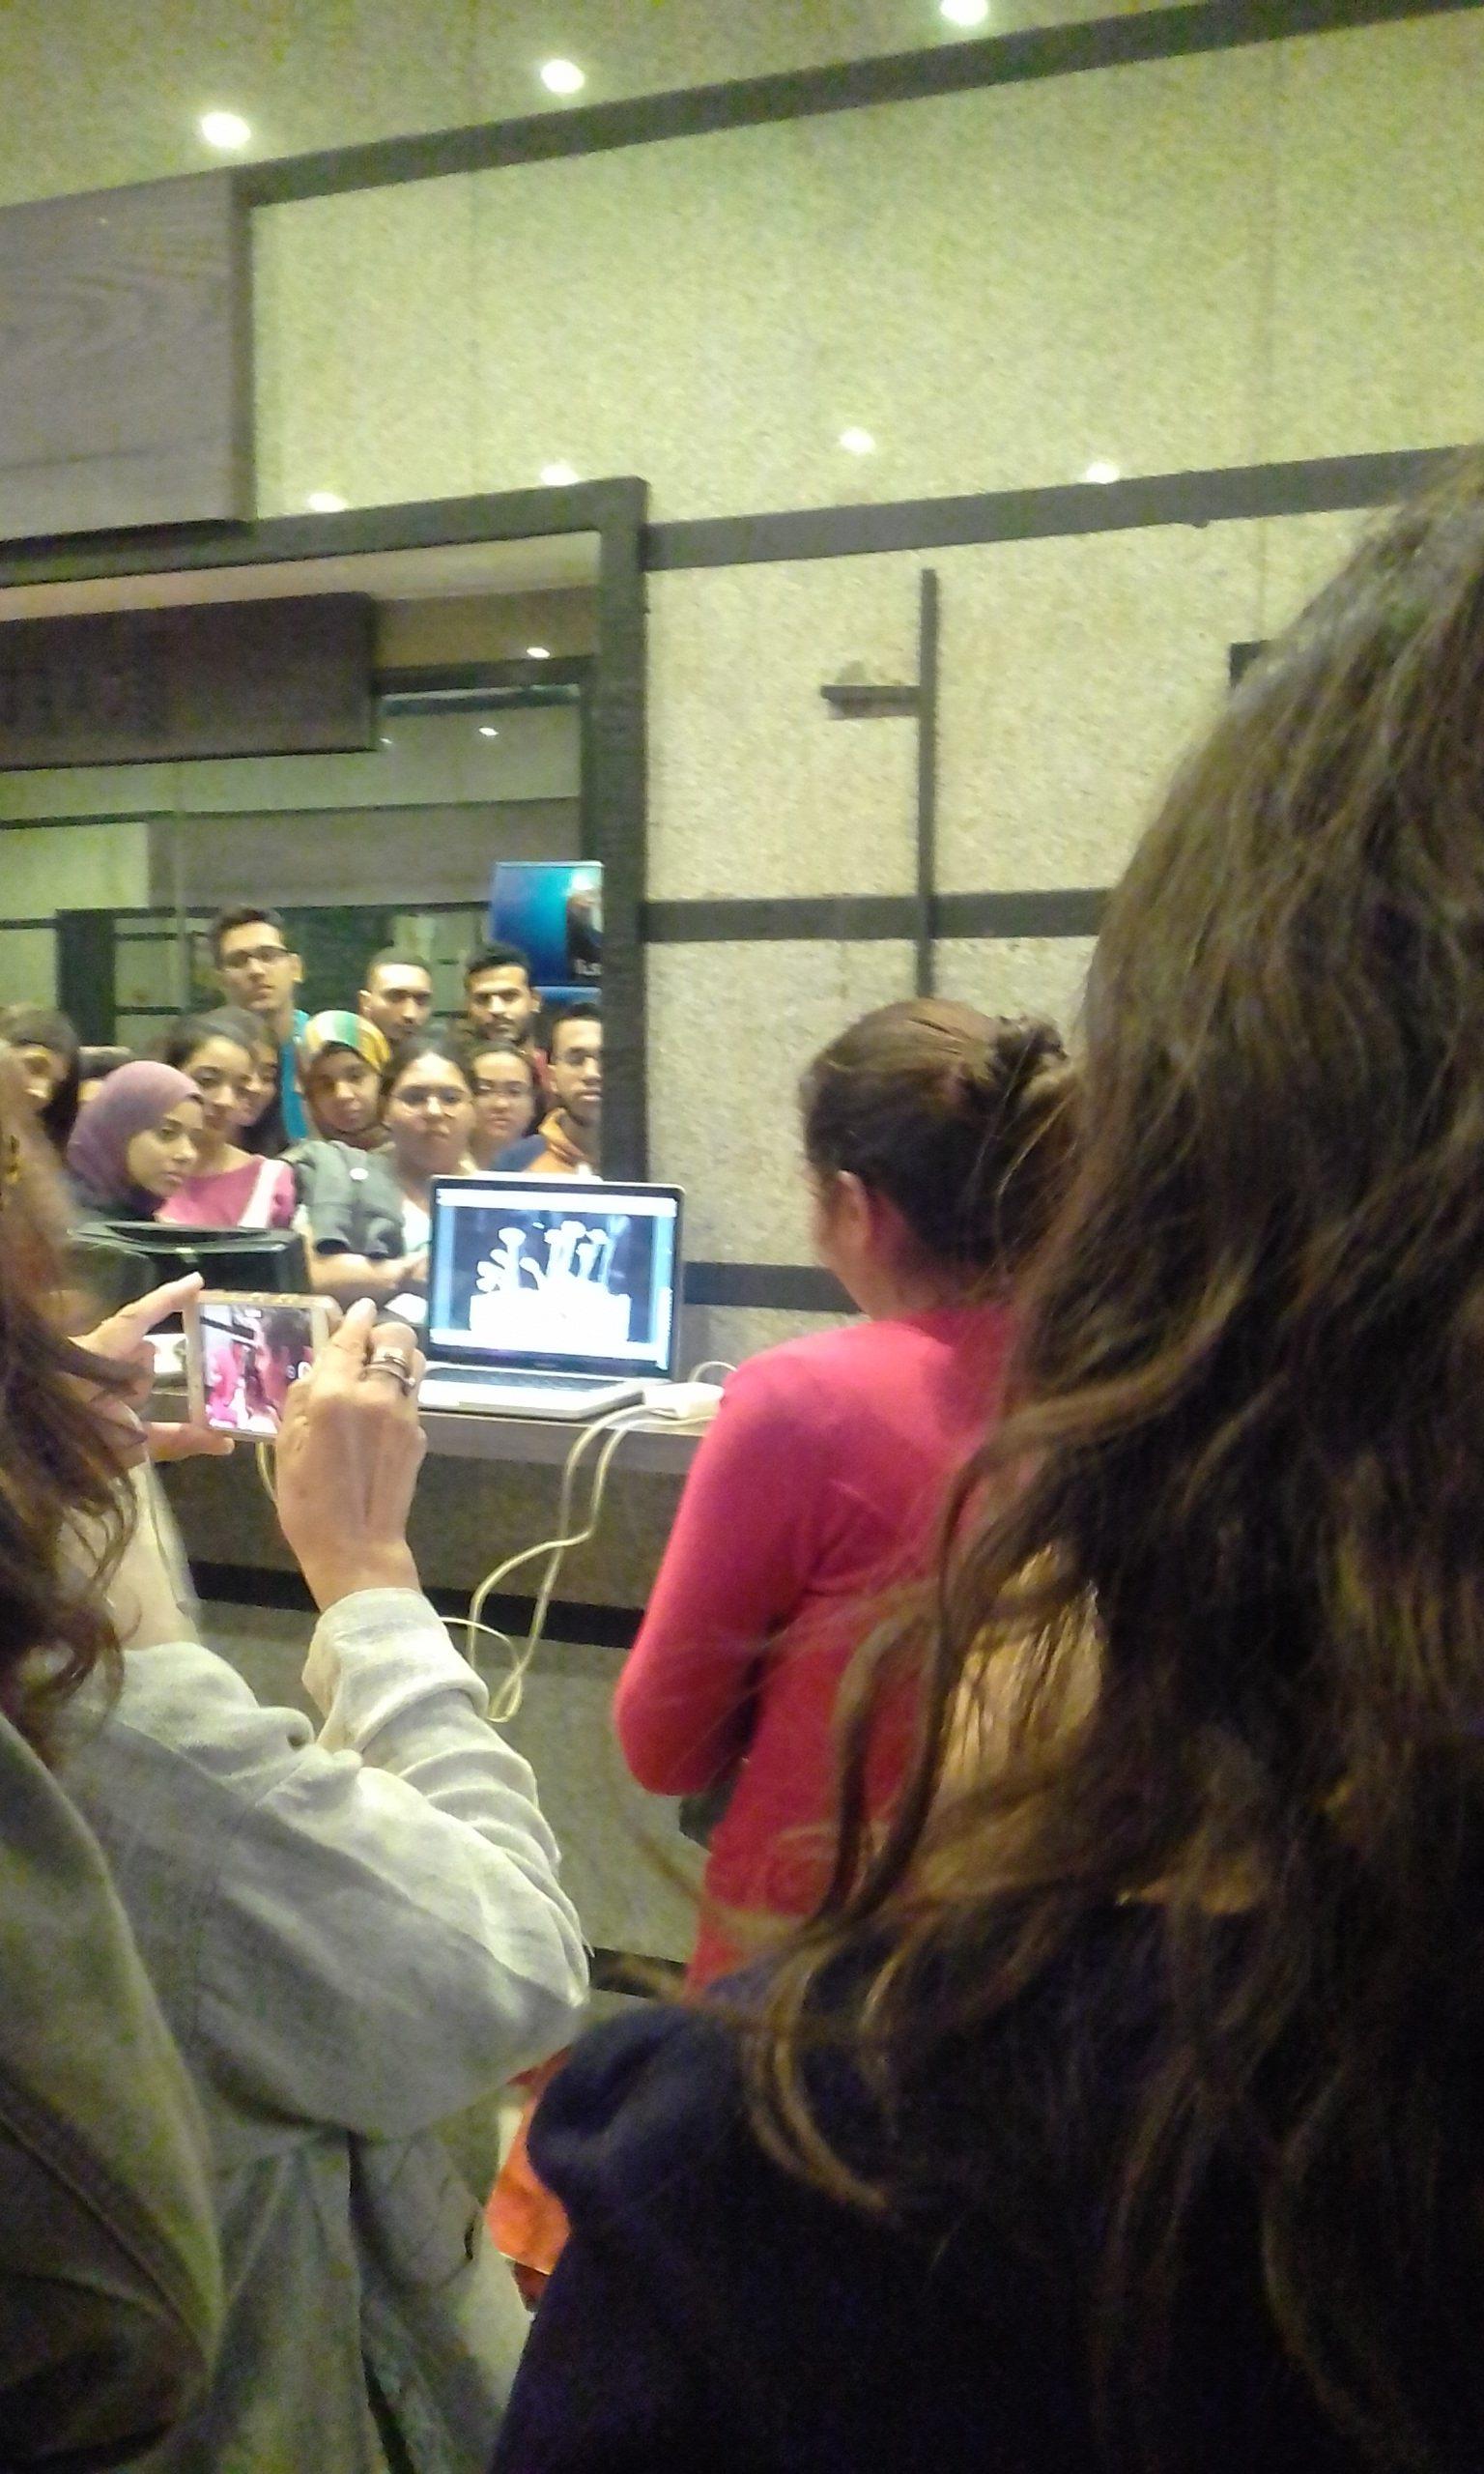 جانب من مناقشة العرض مع الجمهور - تصوير: سعاد أبو غازي